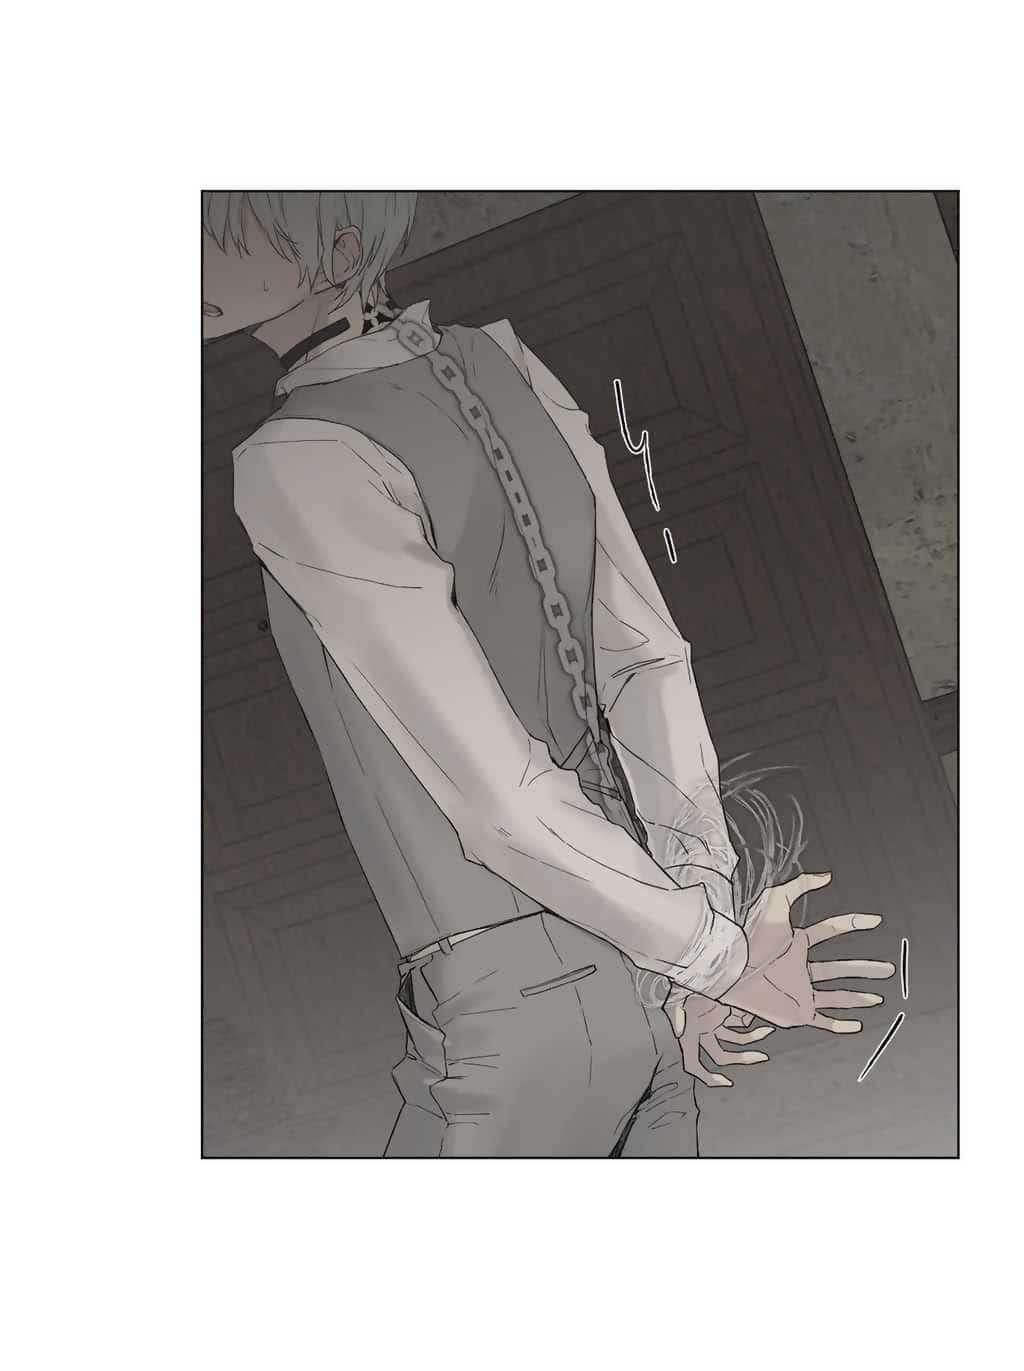 Trang 70 - Người hầu hoàng gia - Royal Servant - Chương 007 () - Truyện tranh Gay - Server HostedOnGoogleServerStaging